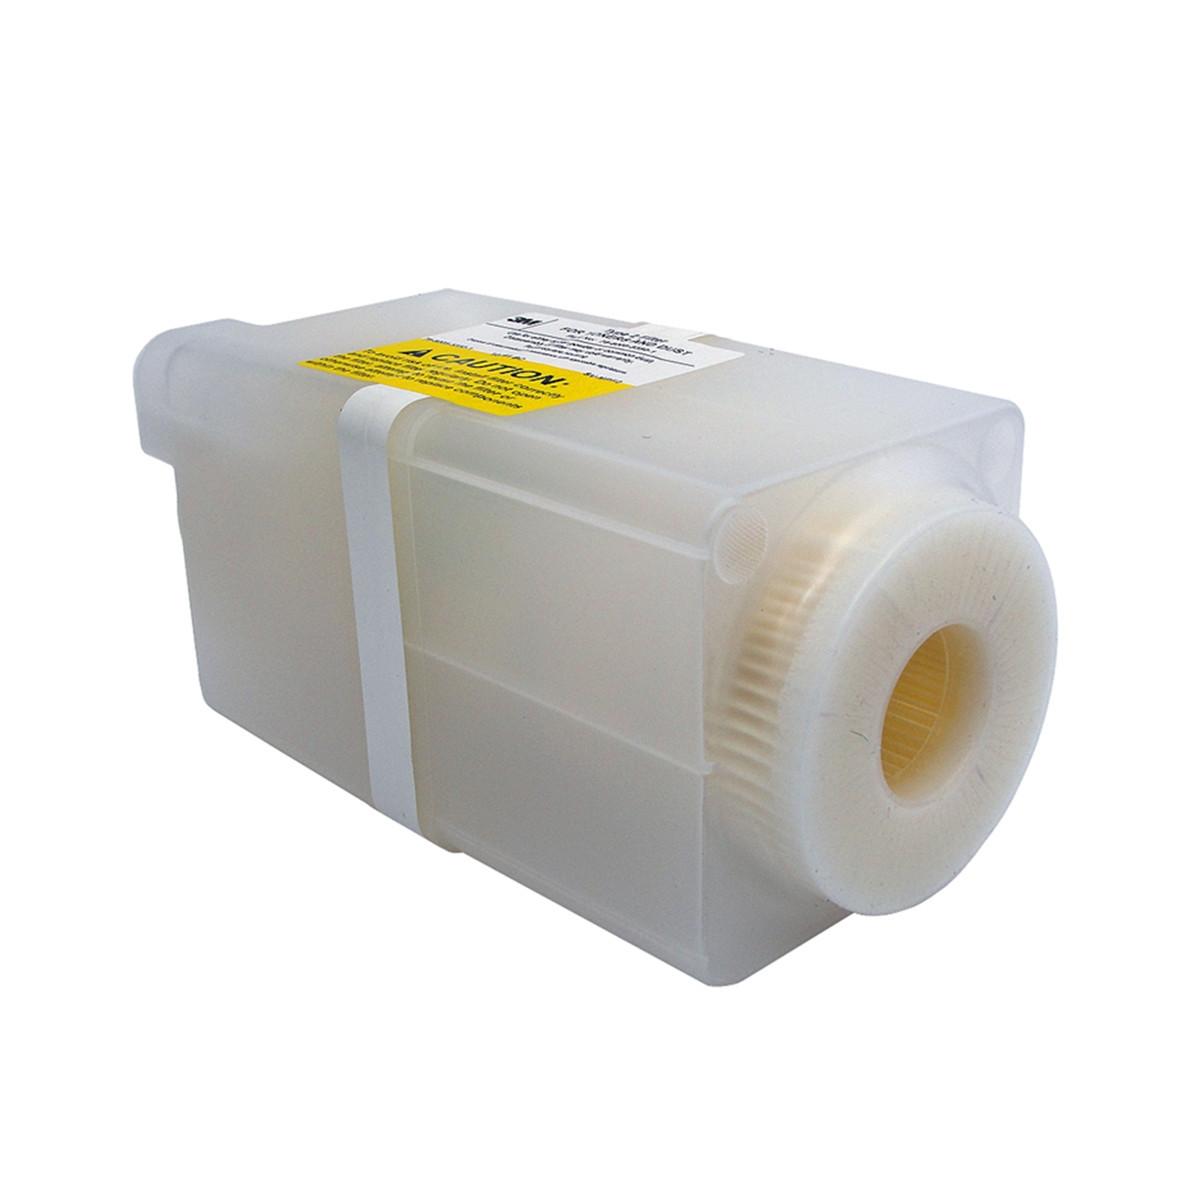 Filtro Aspirador de Pó Específico para Toner Colorido | Filtro Tipo 1 | SCS